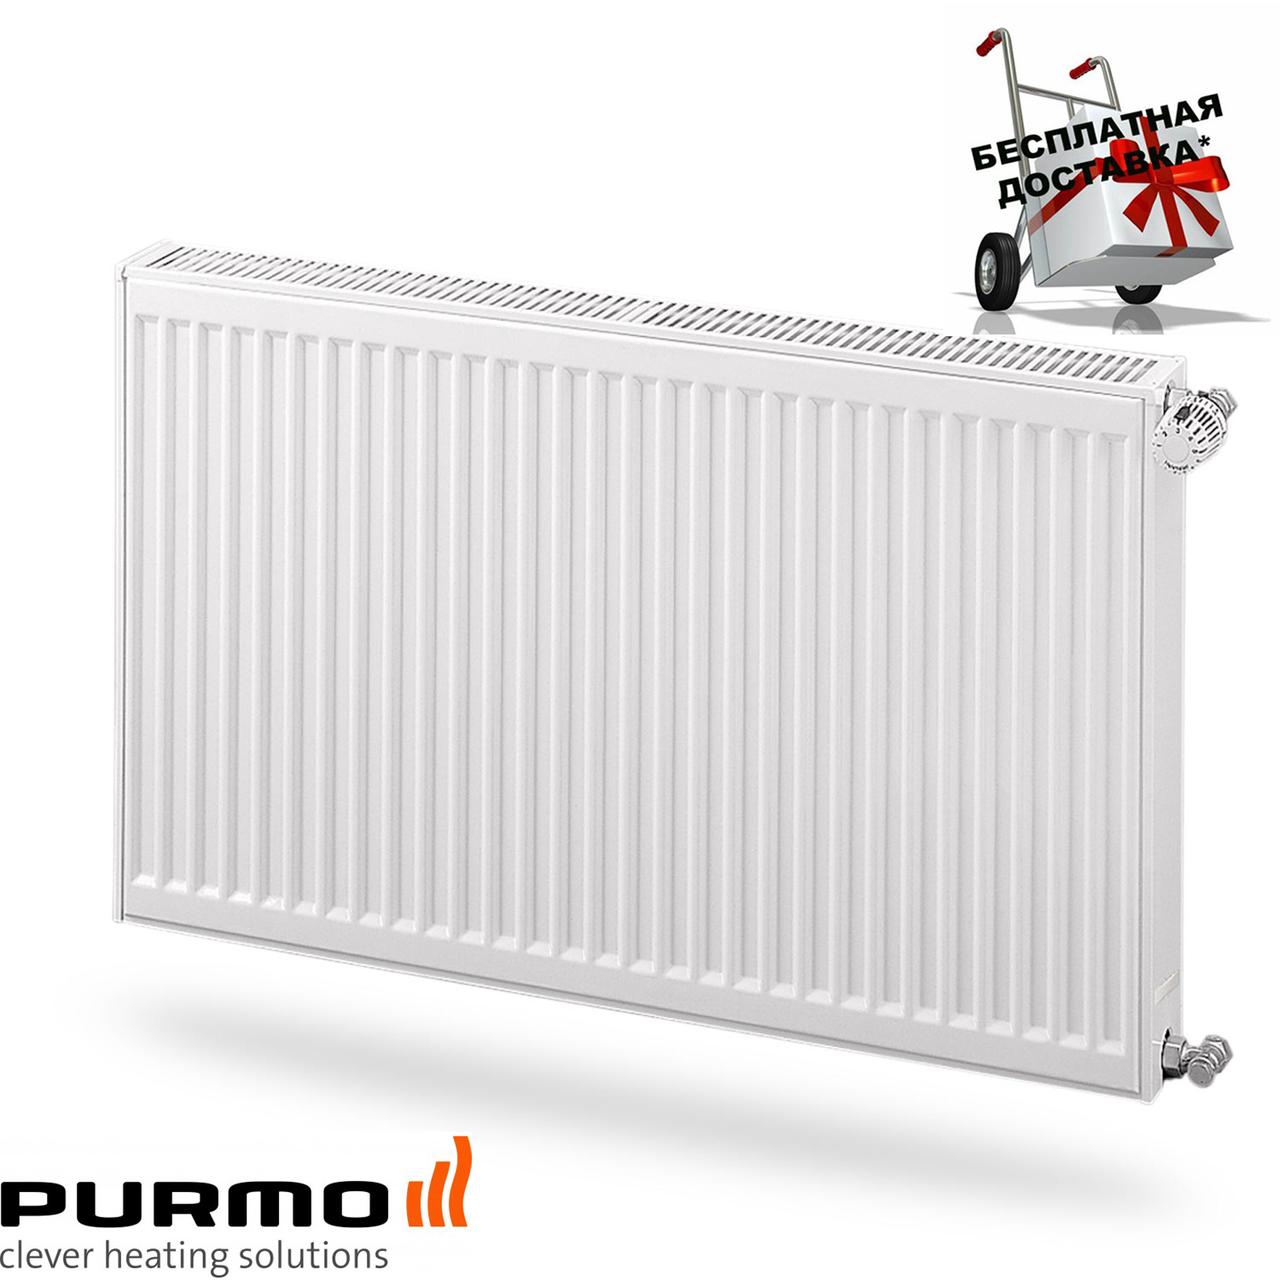 Стальной (панельный) радиатор PURMO Compact т22 300x1100 боковое подключение